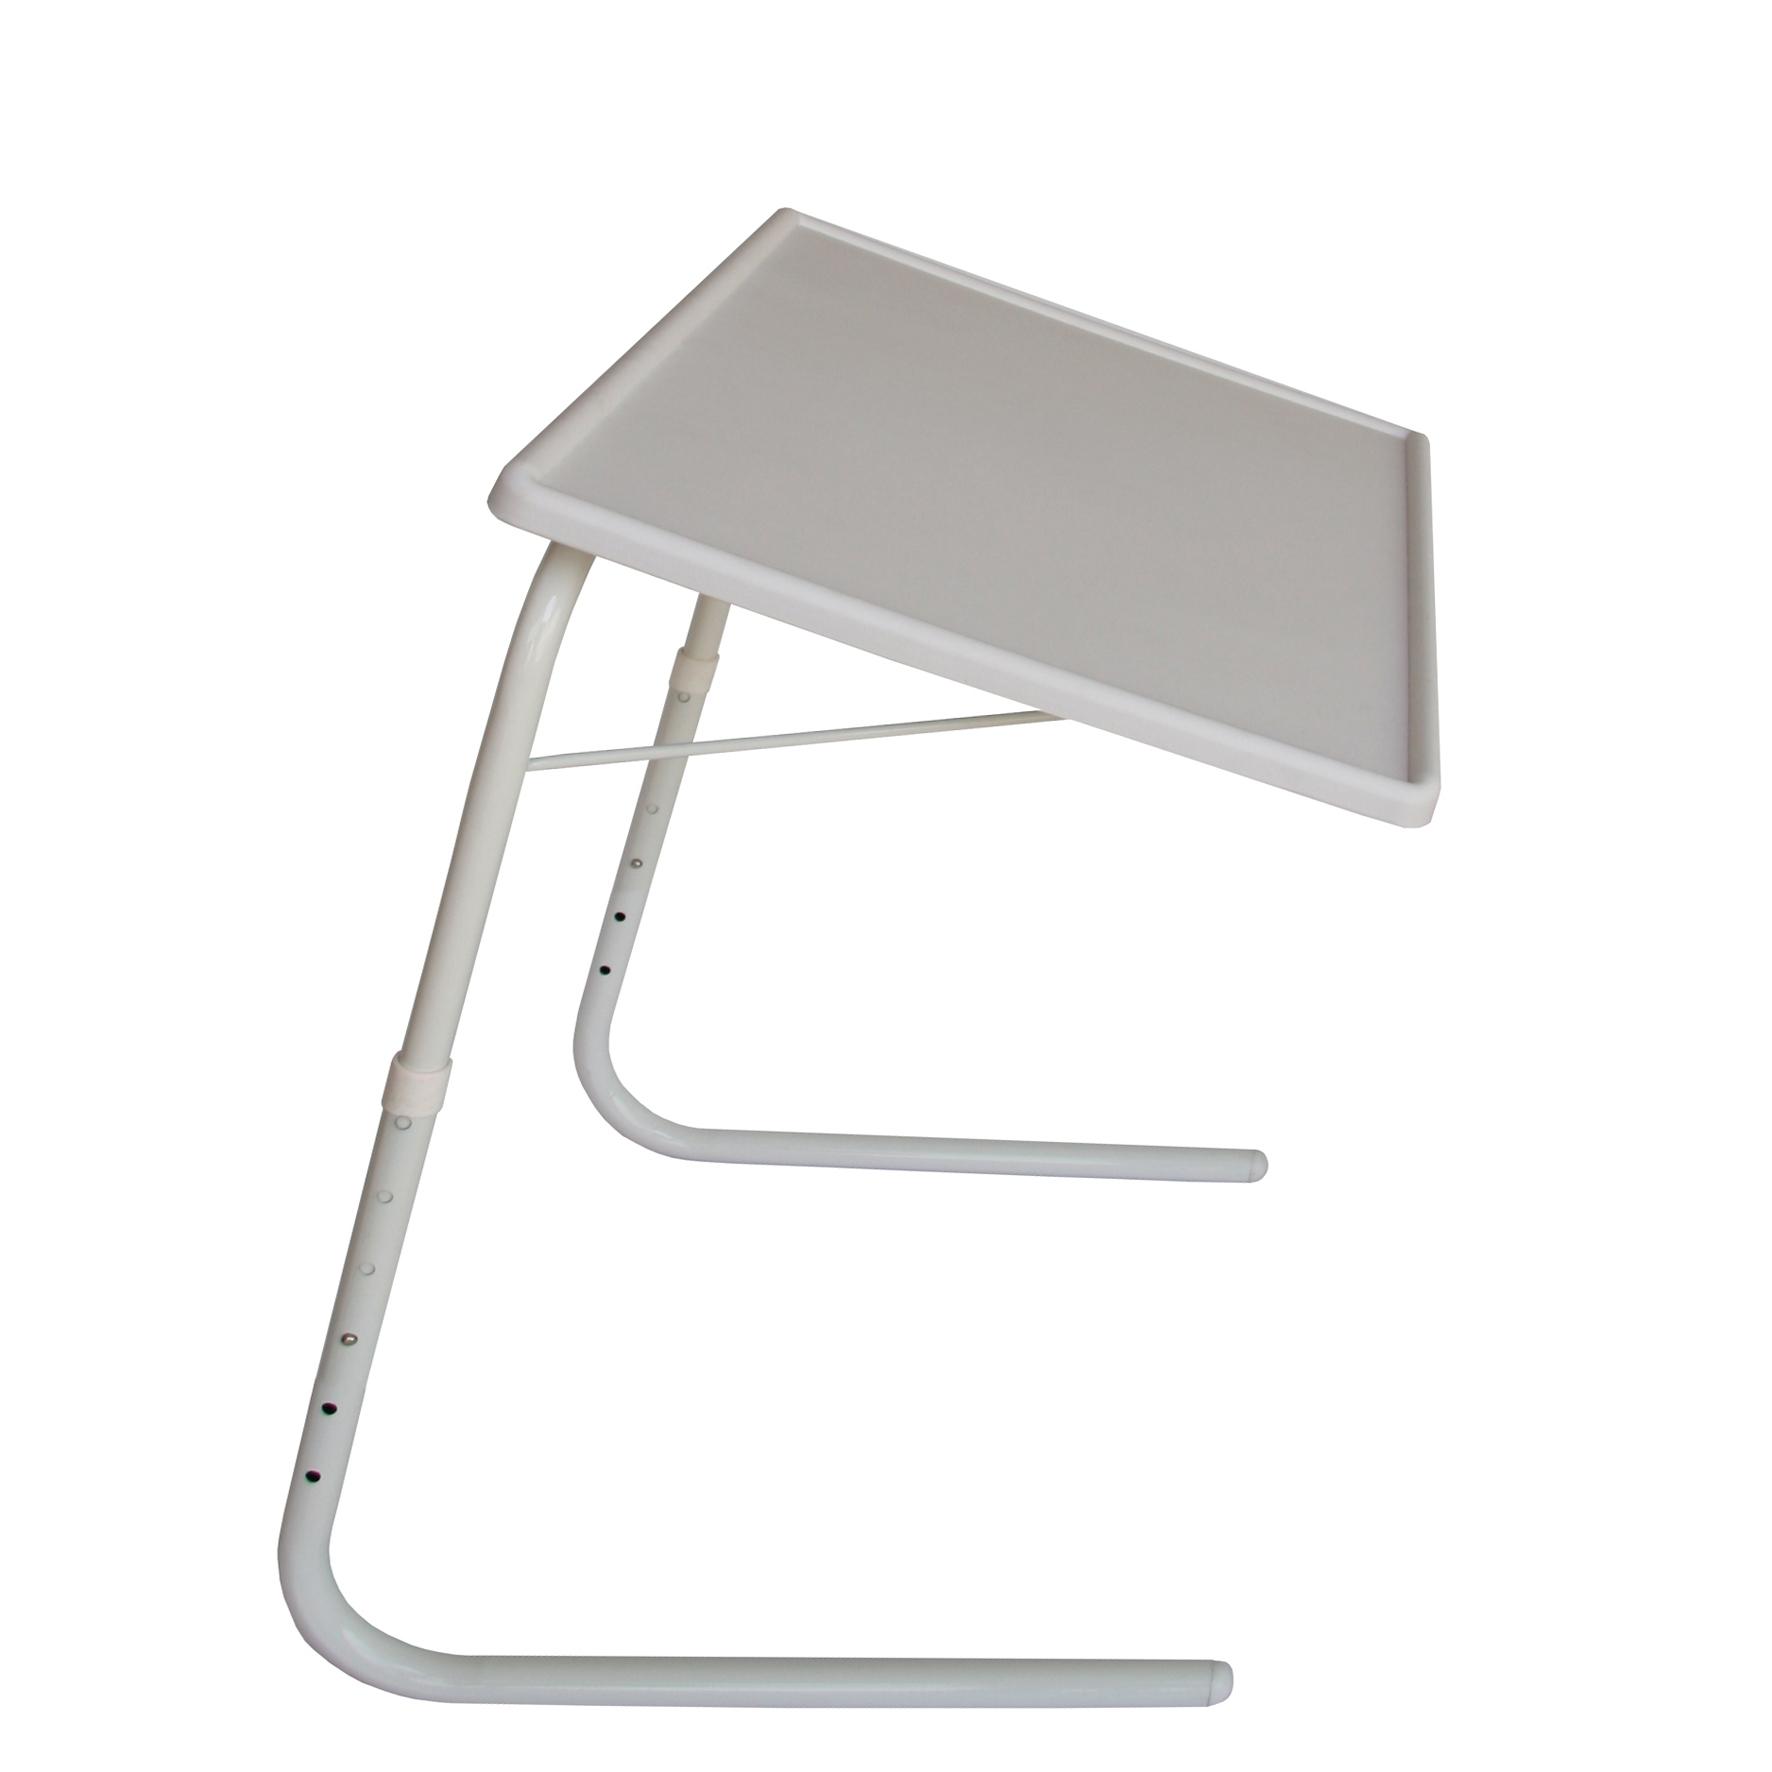 betttisch beistelltisch klapptisch laptoptisch pflegetisch. Black Bedroom Furniture Sets. Home Design Ideas